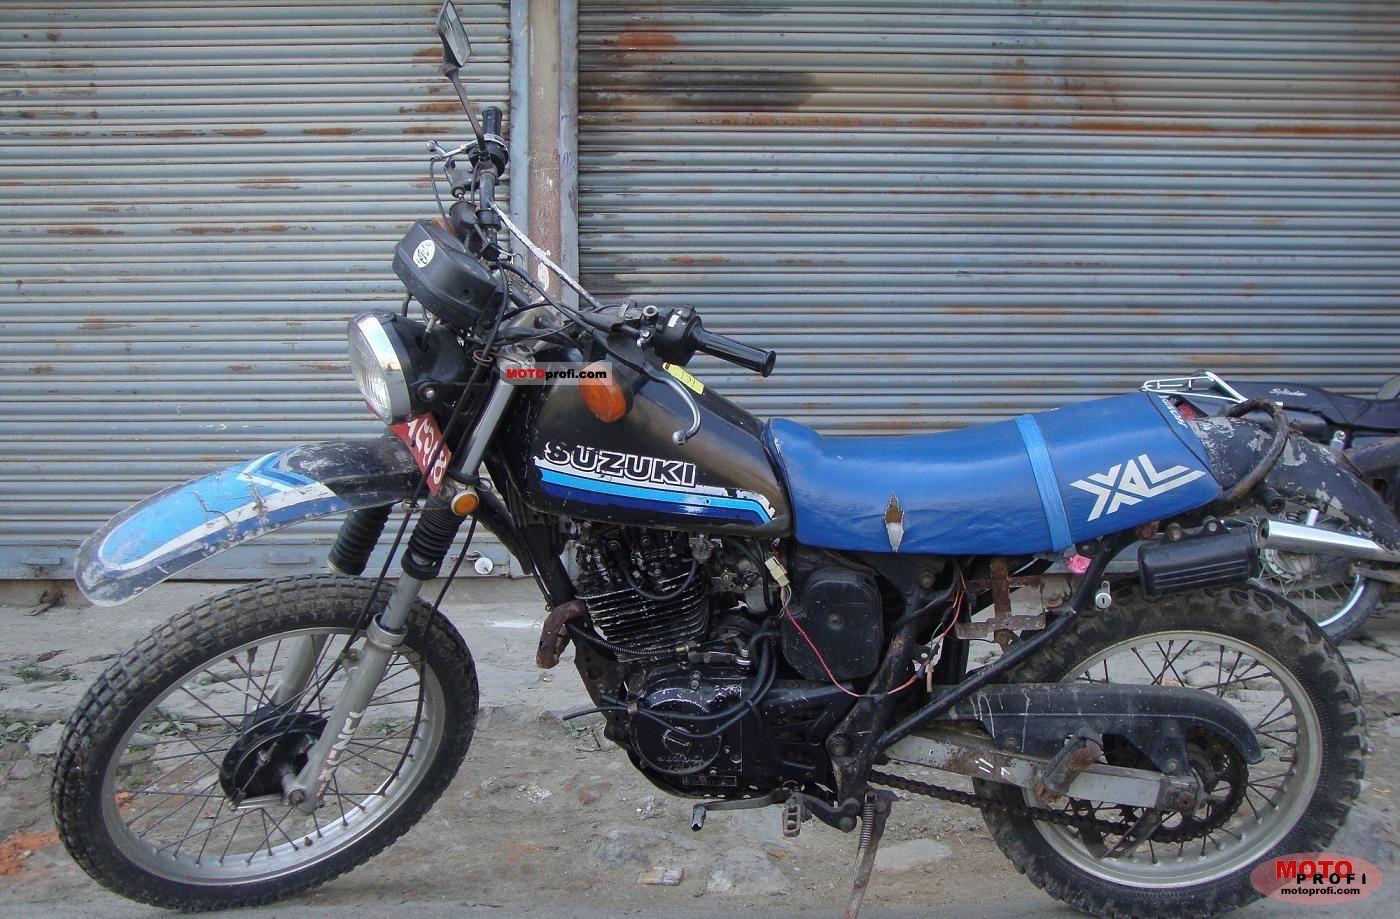 Suzuki DR 250 S 1984 photo